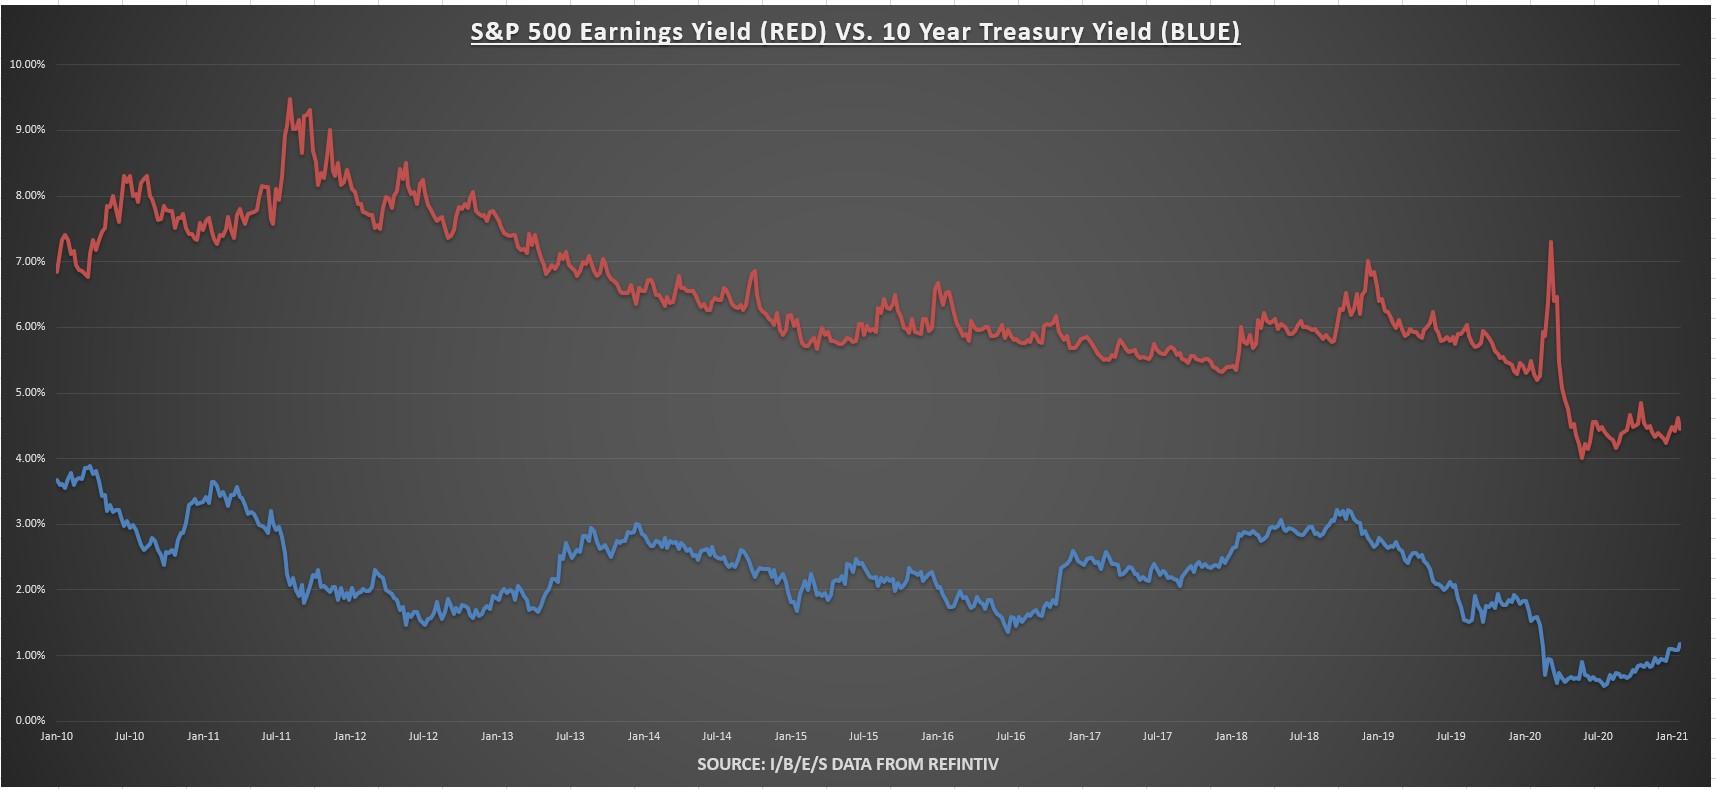 S&P 500 Earnings Yield Vs 10 Yr Treasury Yield